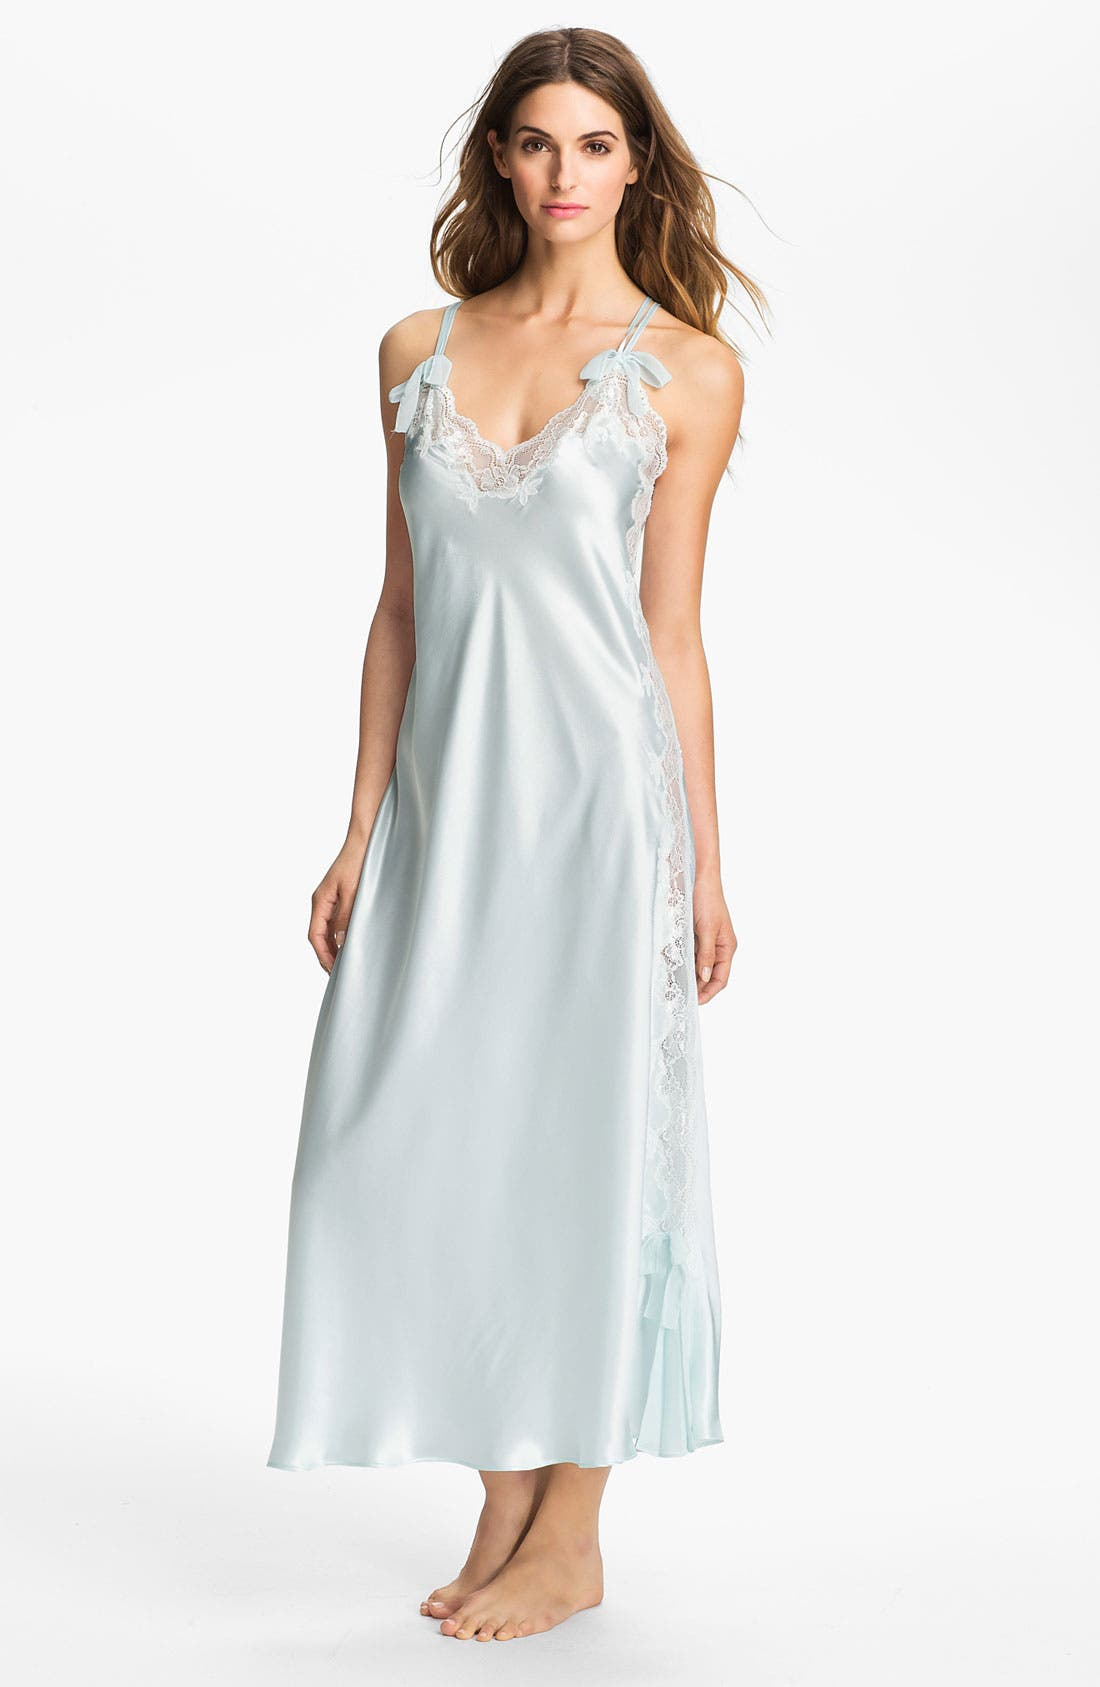 Alternate Image 1 Selected - Oscar de la Renta Sleepwear 'Lovely in Lace' Charmeuse Nightgown